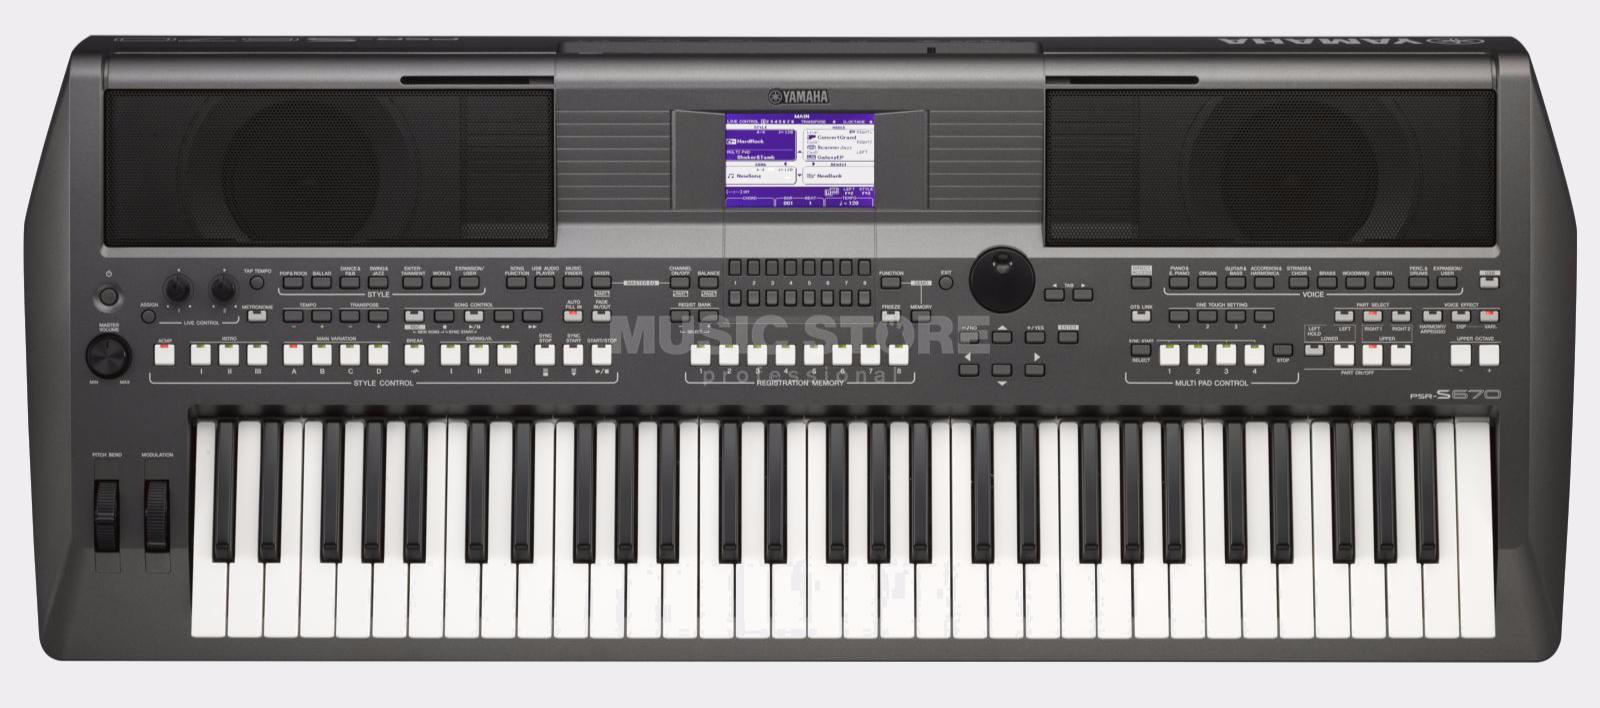 Yamaha psr s670 keyboard dunkelgrau for Yamaha psr s